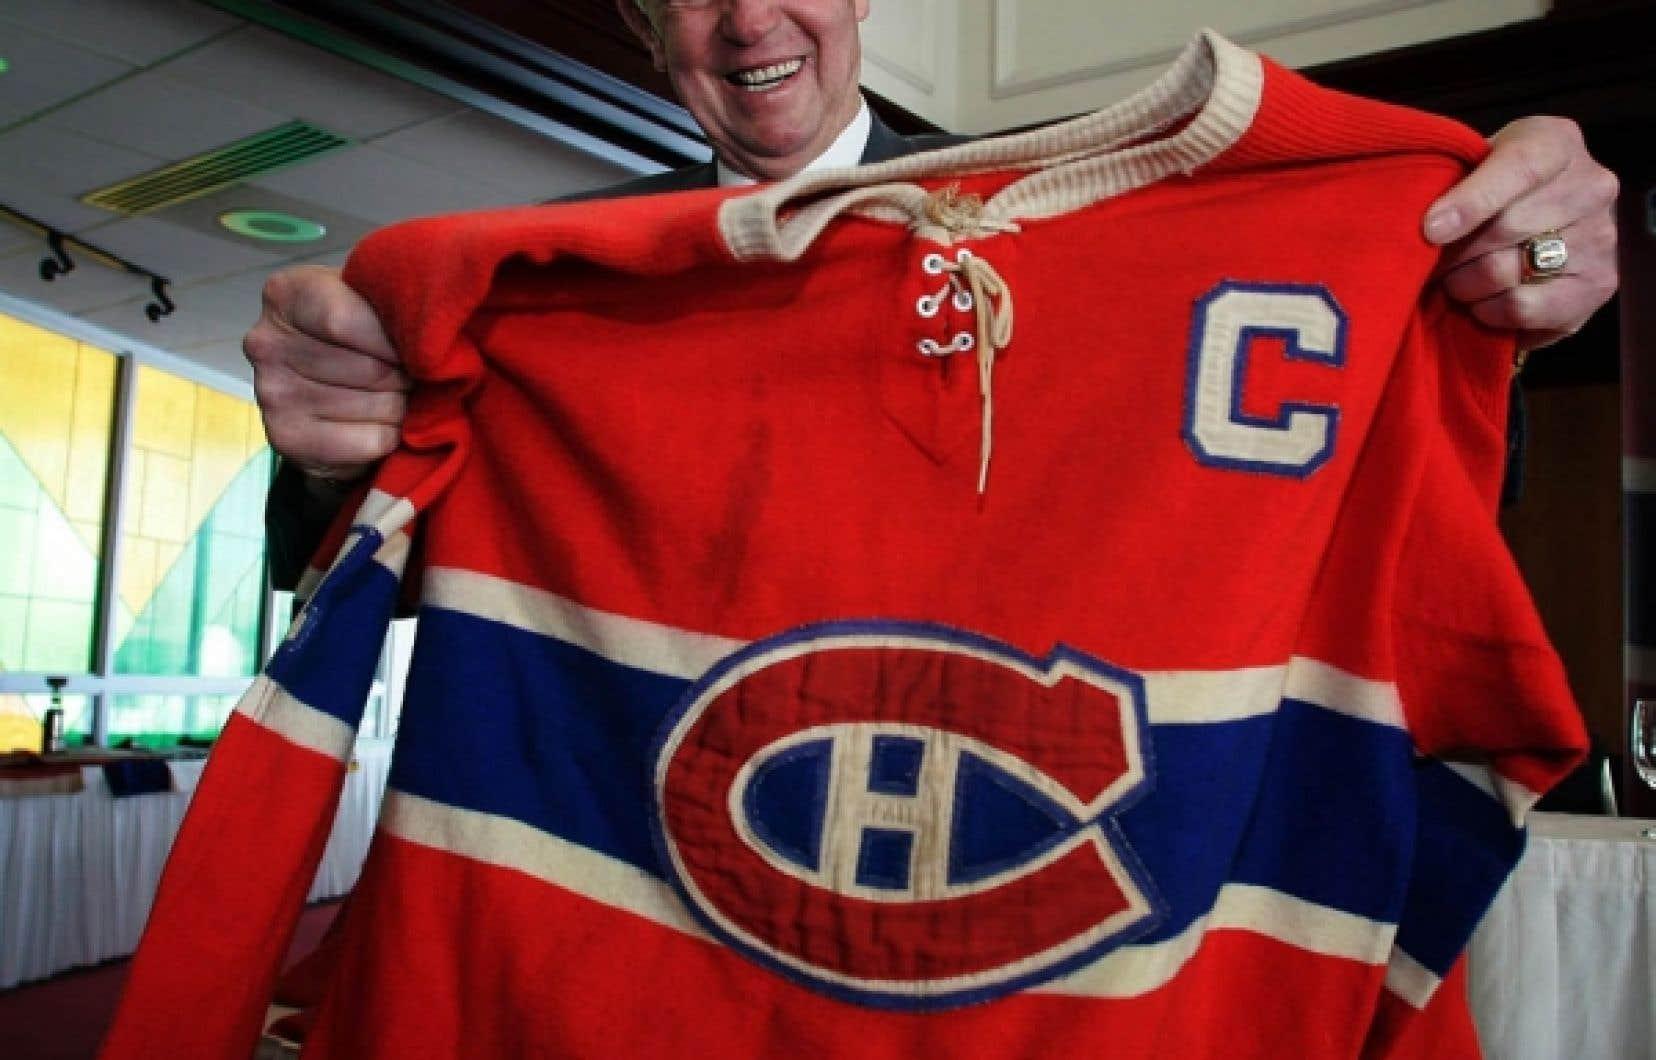 Capitaine des Canadiens de Montr&eacute;al pendant dix saisons, Jean B&eacute;liveau a &eacute;t&eacute; choisi six fois dans la premi&egrave;re &eacute;quipe d&rsquo;&eacute;toiles de la LNH et il a aid&eacute; les Canadiens &agrave; gagner dix coupes Stanley.<br />